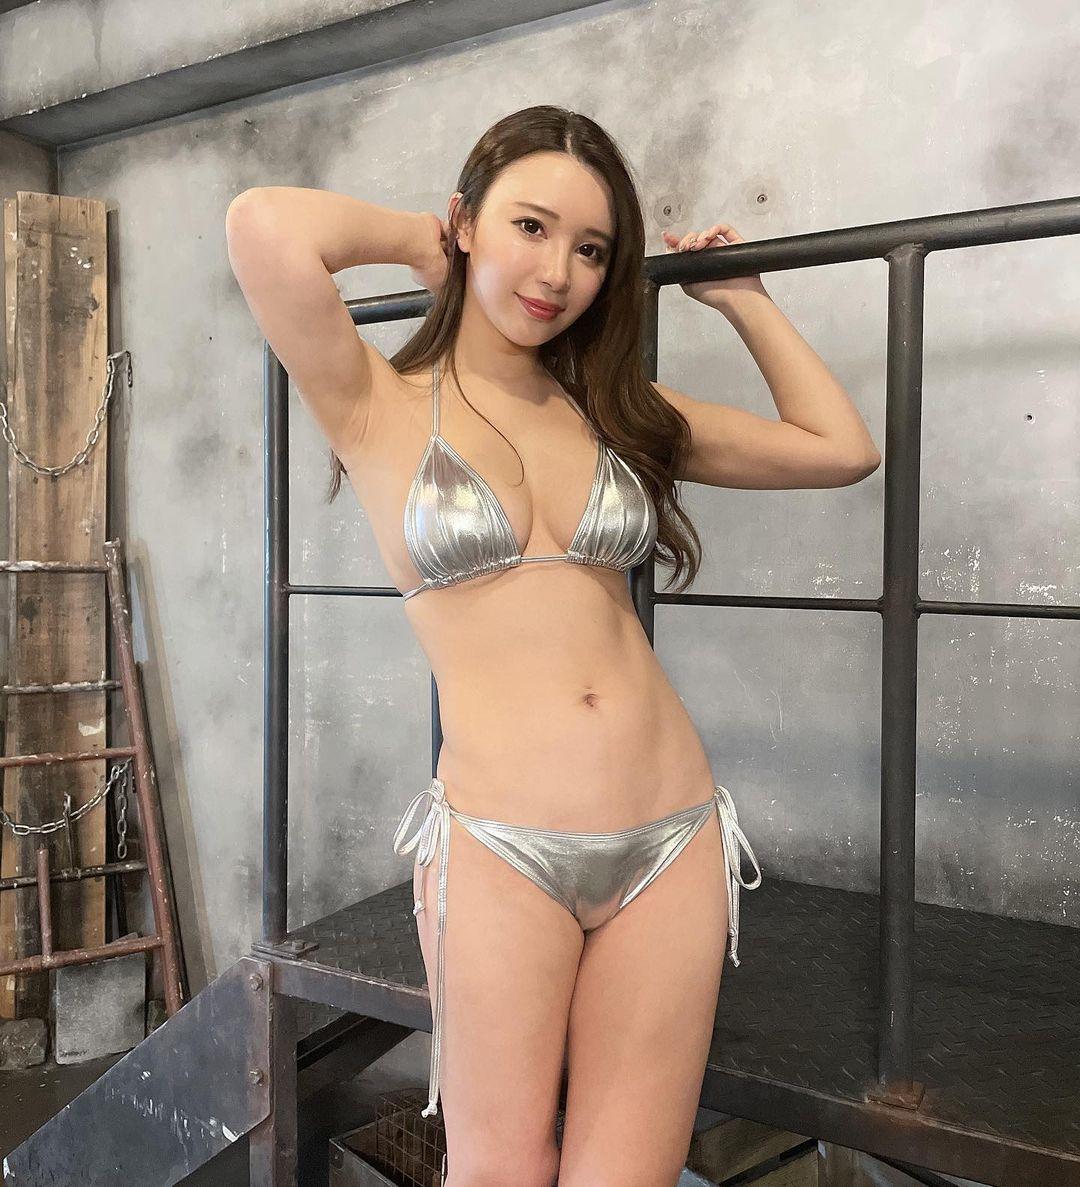 「メタリック水着すき」セクシービキニショットでファンを魅了【海里さん/2021年4月18日】